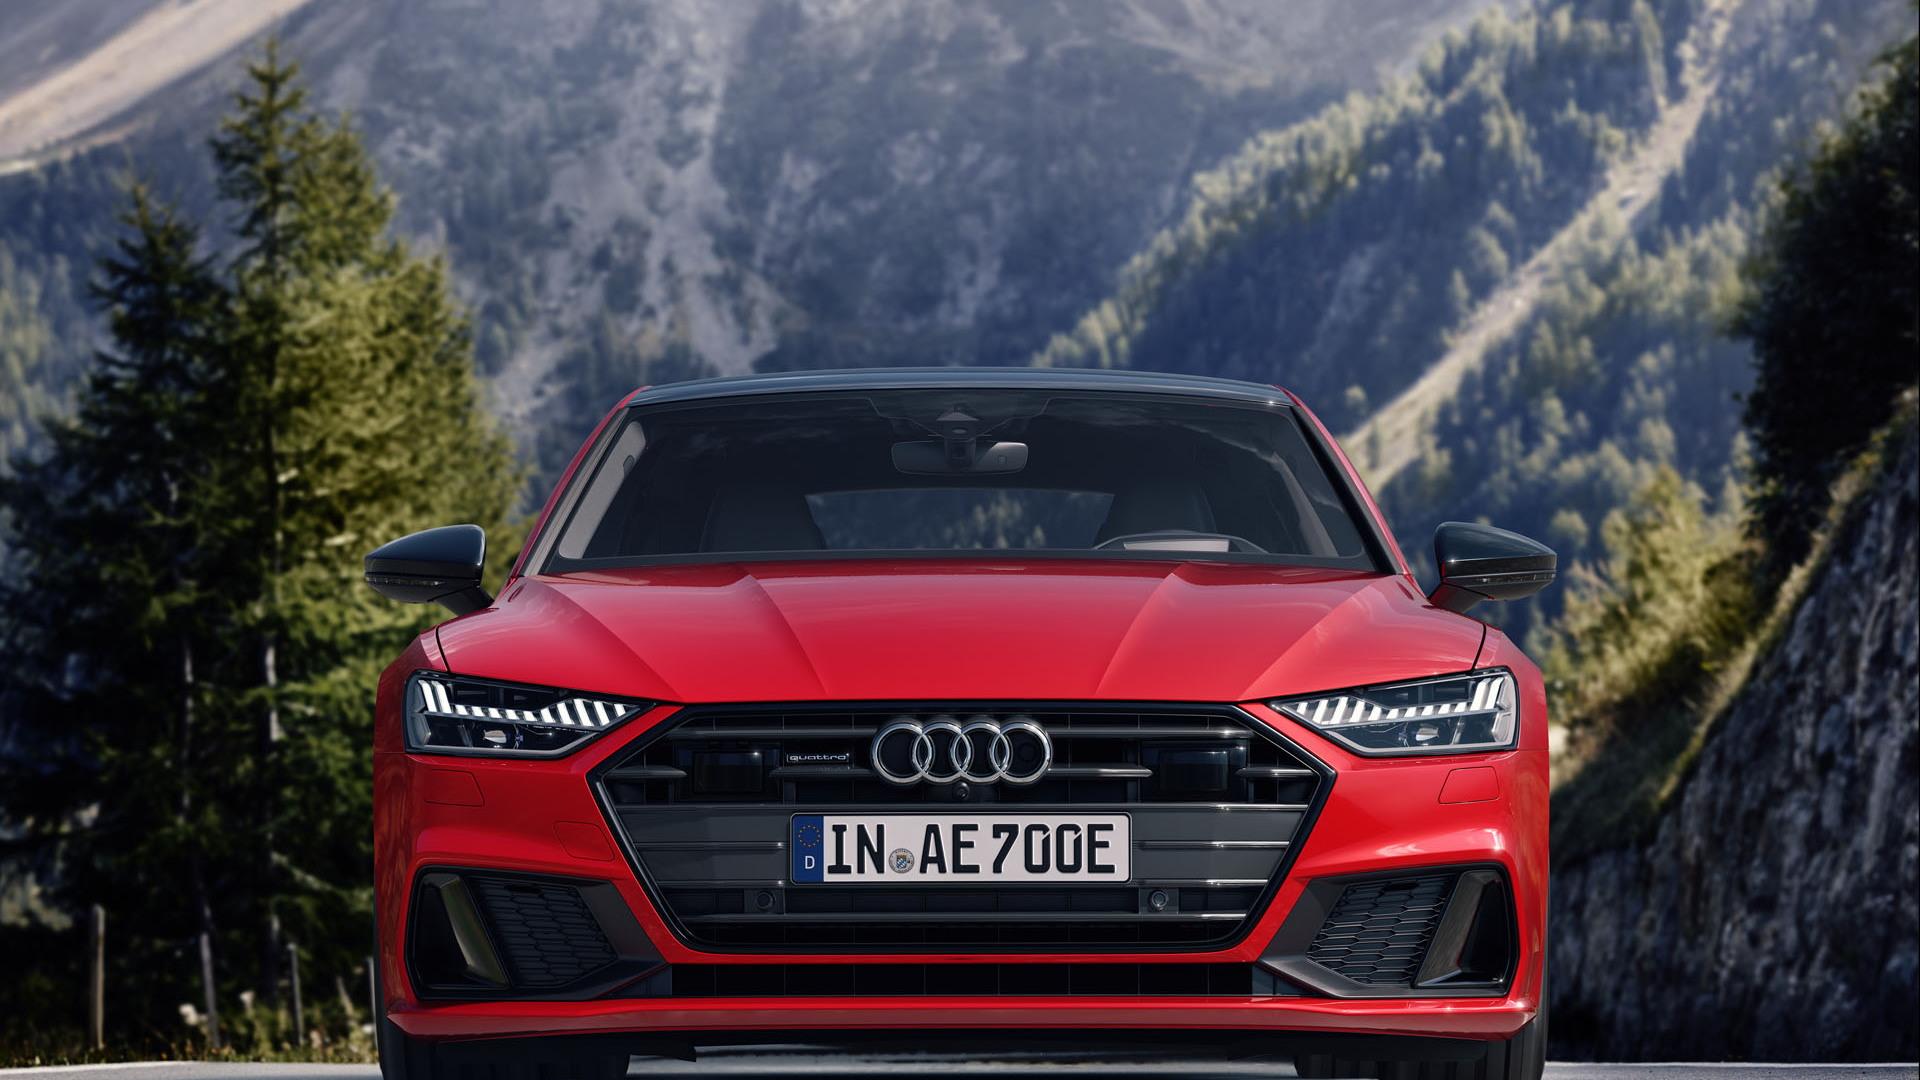 Audi A7 plug-in hybrid